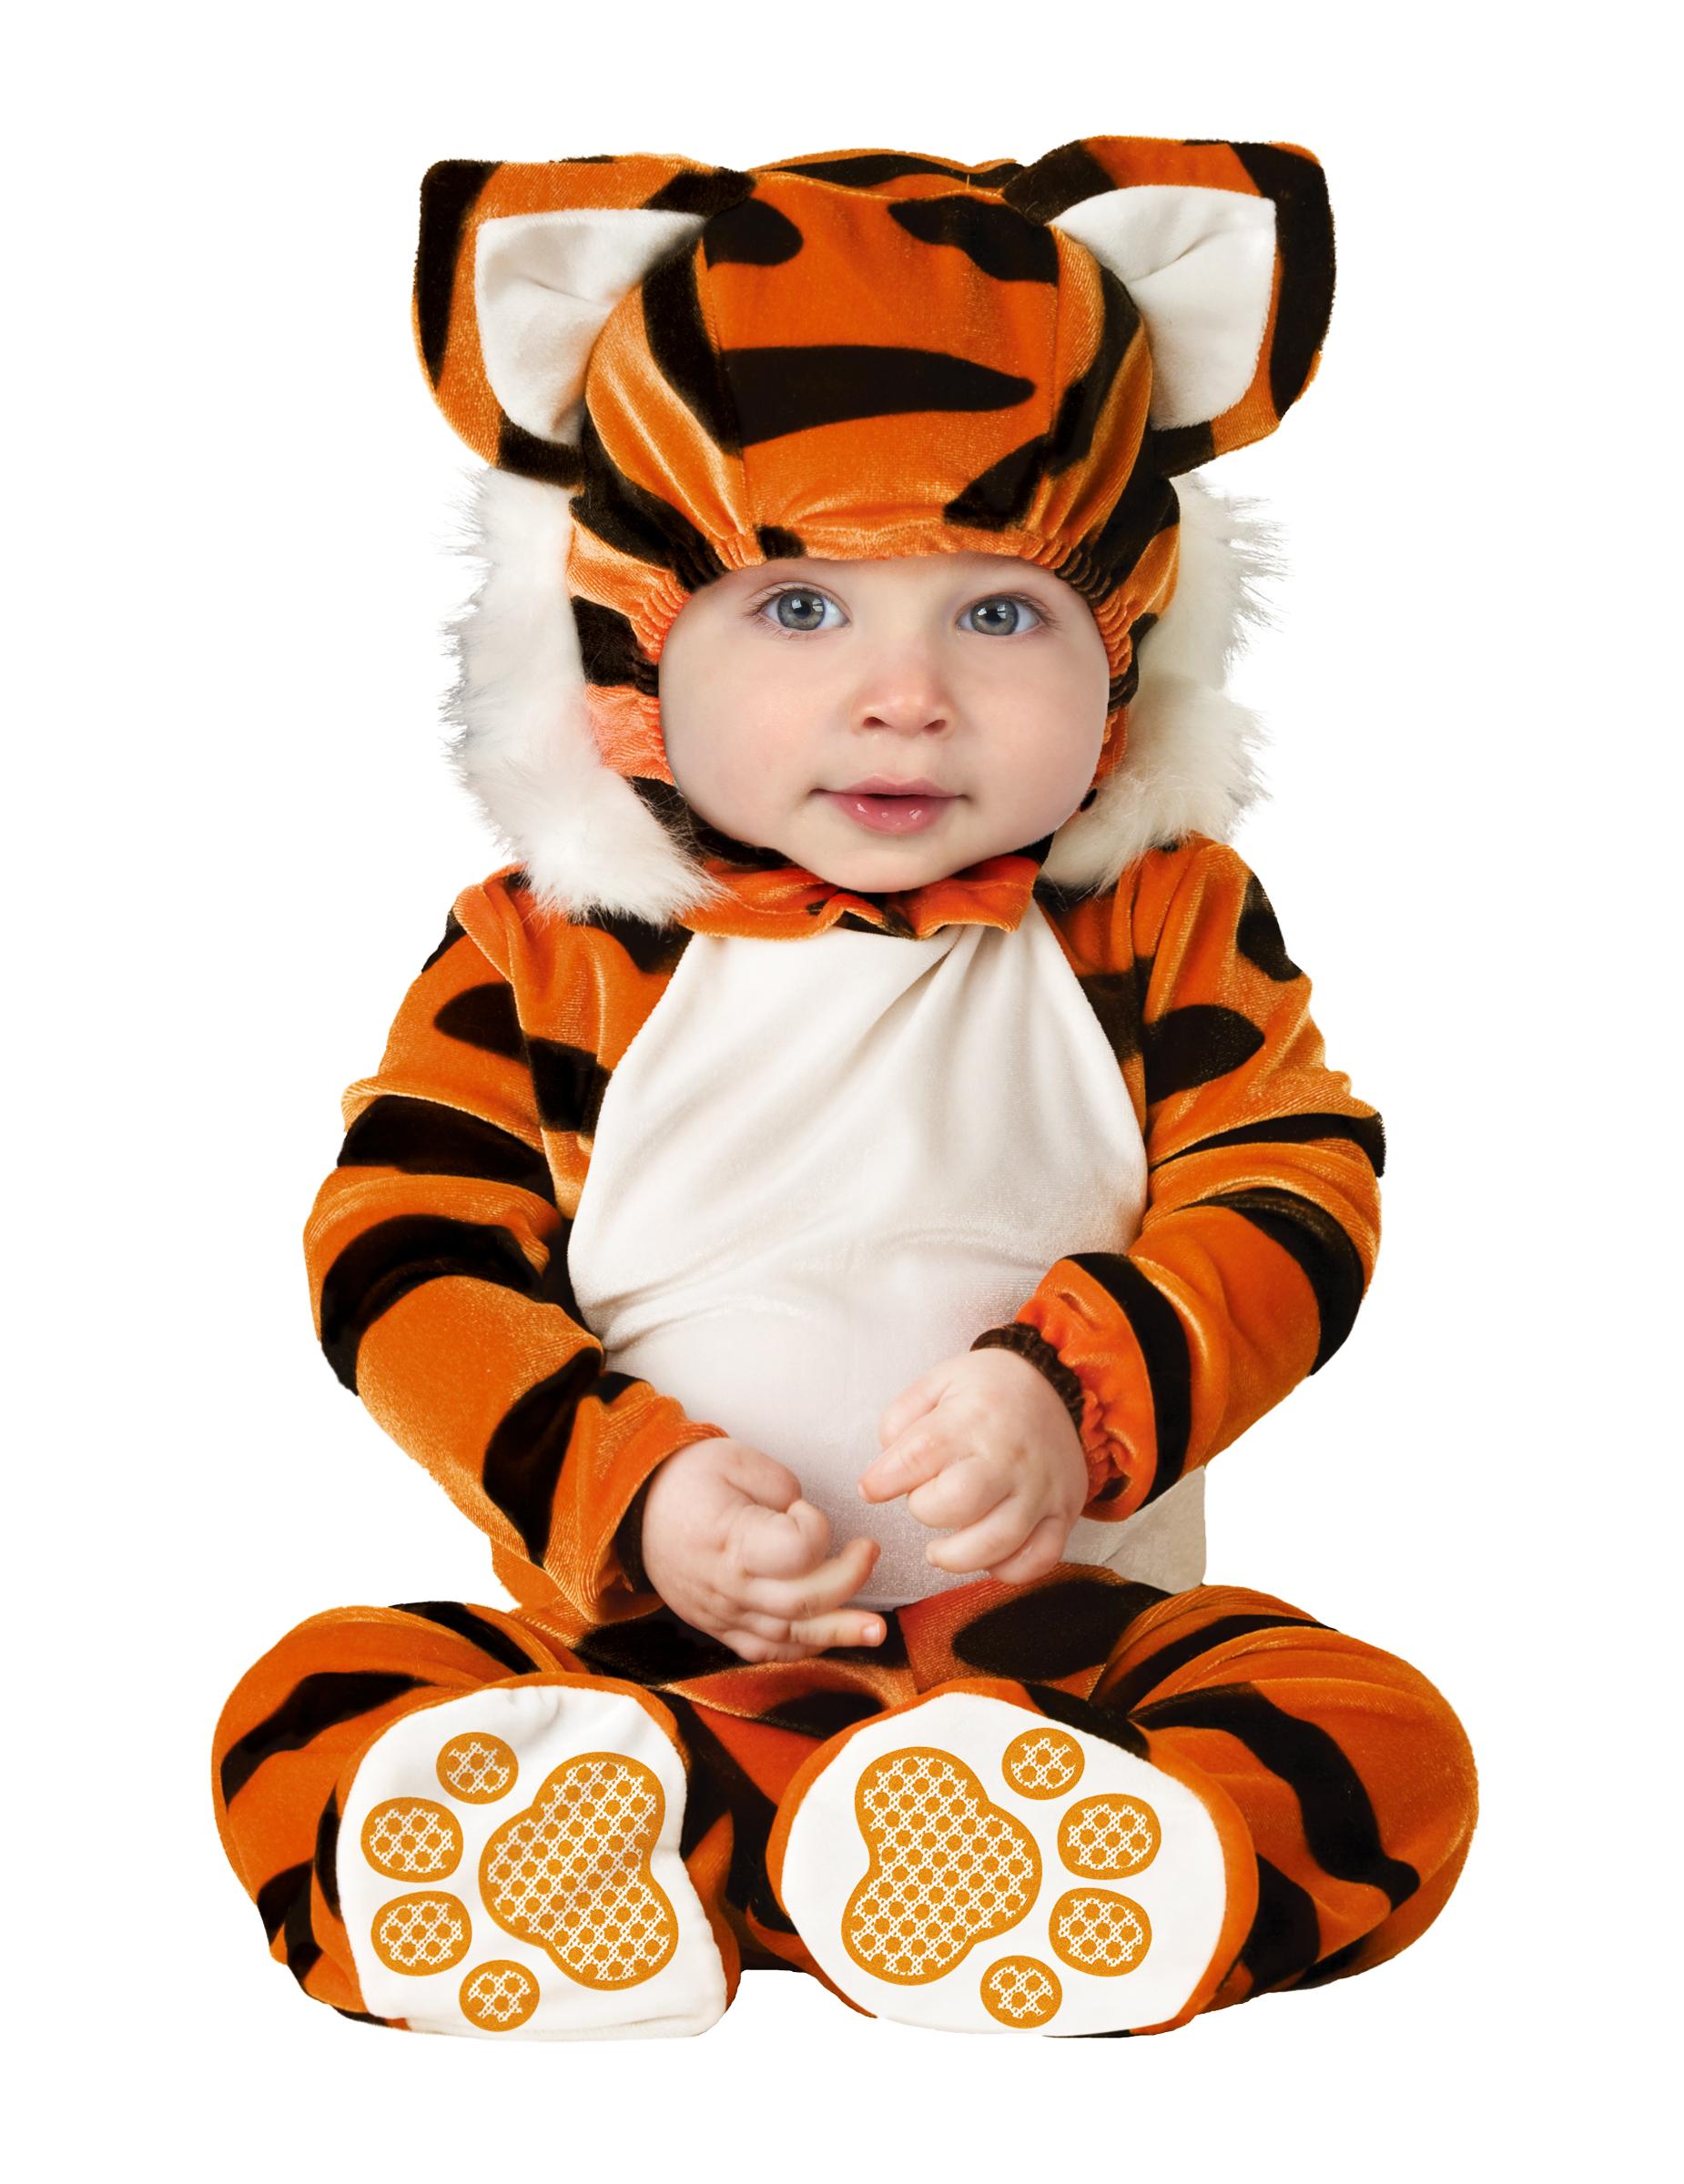 65822a021cac Disfarce Tigre para bébé - Clássico: Disfarces Crianças,mascarilhas ...